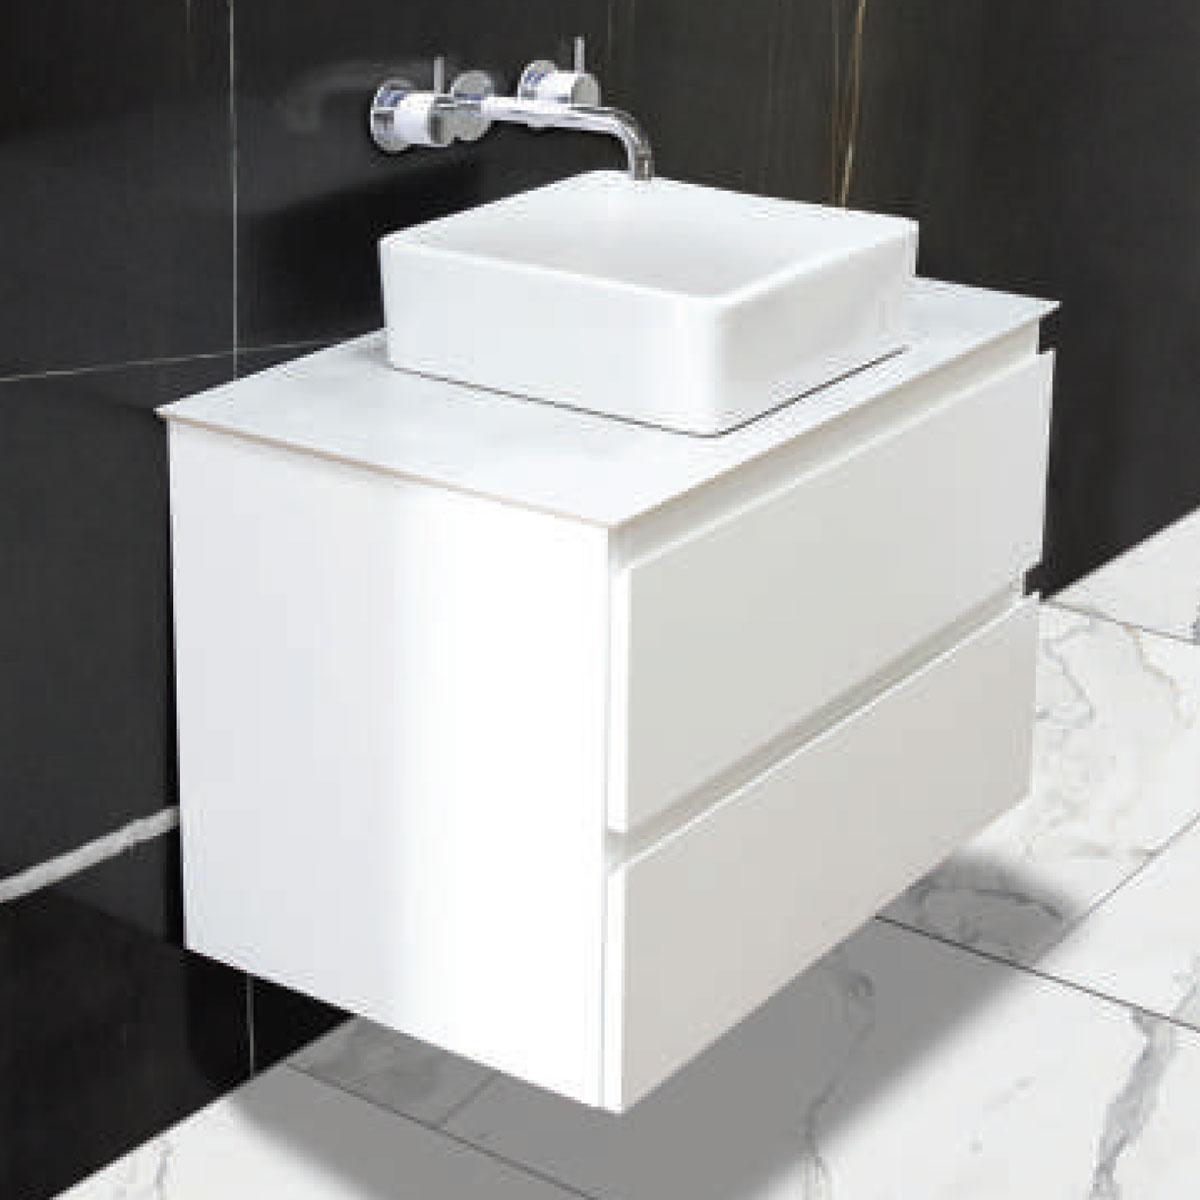 Australian Made Vanities - White Gloss - Stone3 Brisbane